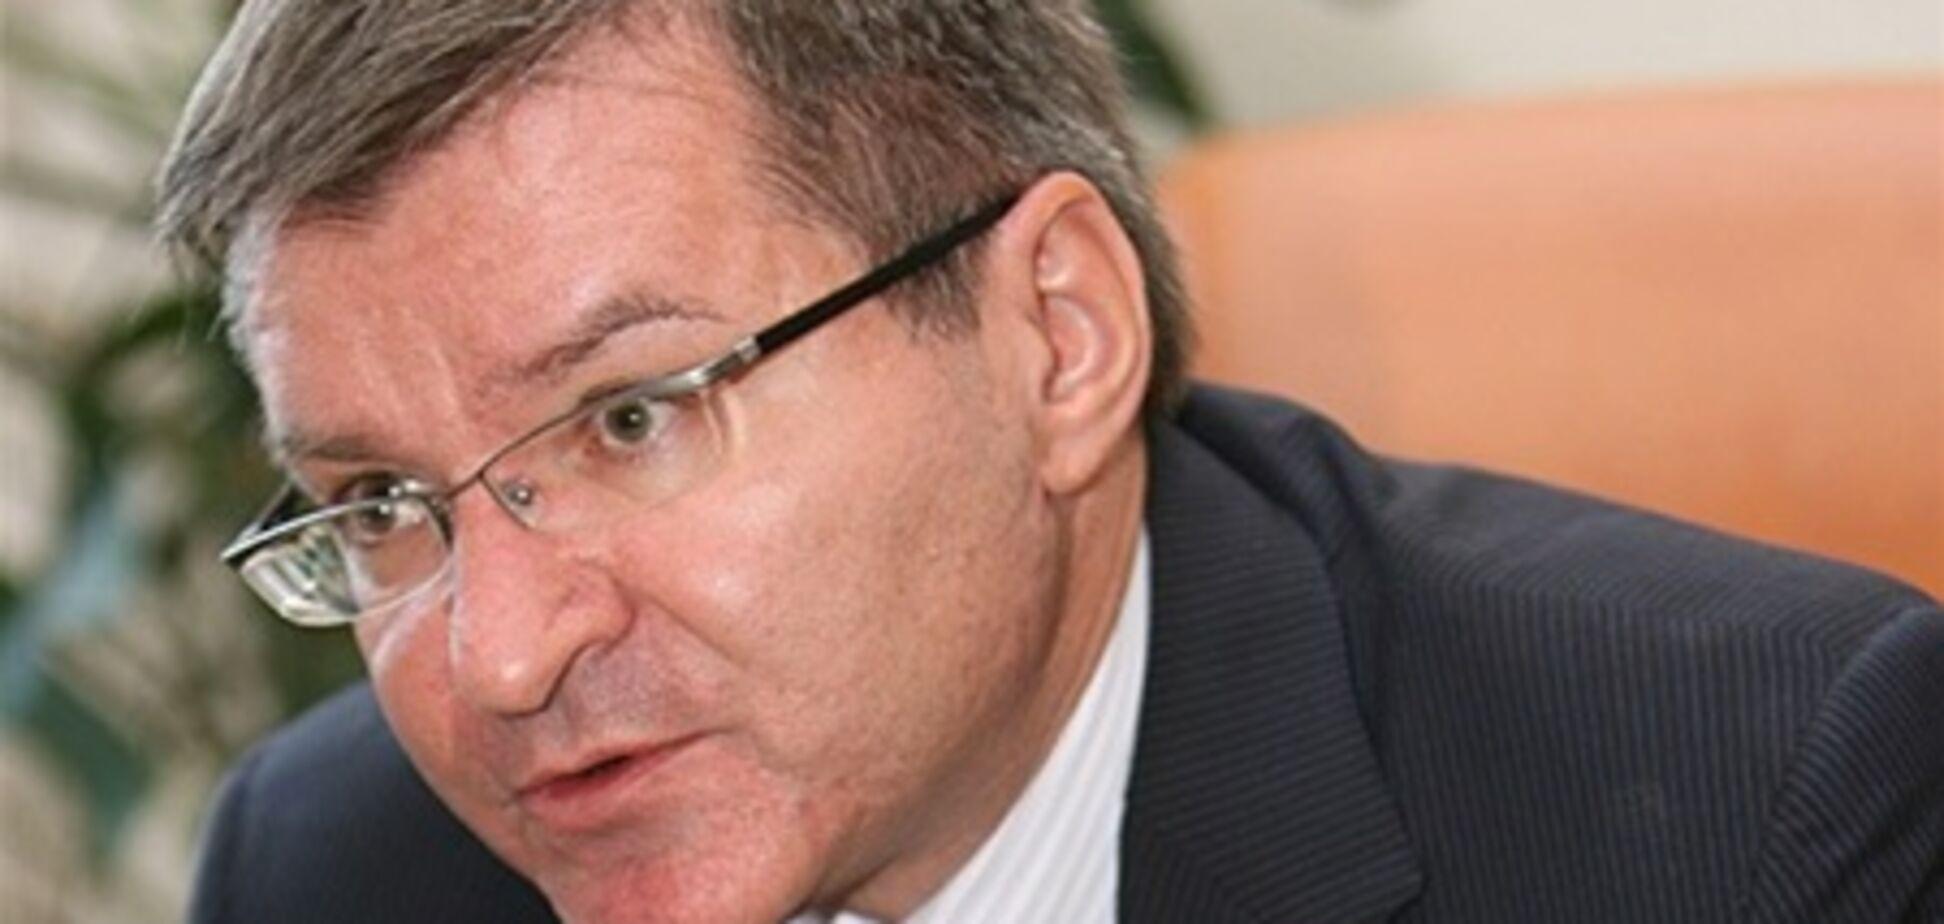 Почему депутат Немыря не пускает Украину в Европу